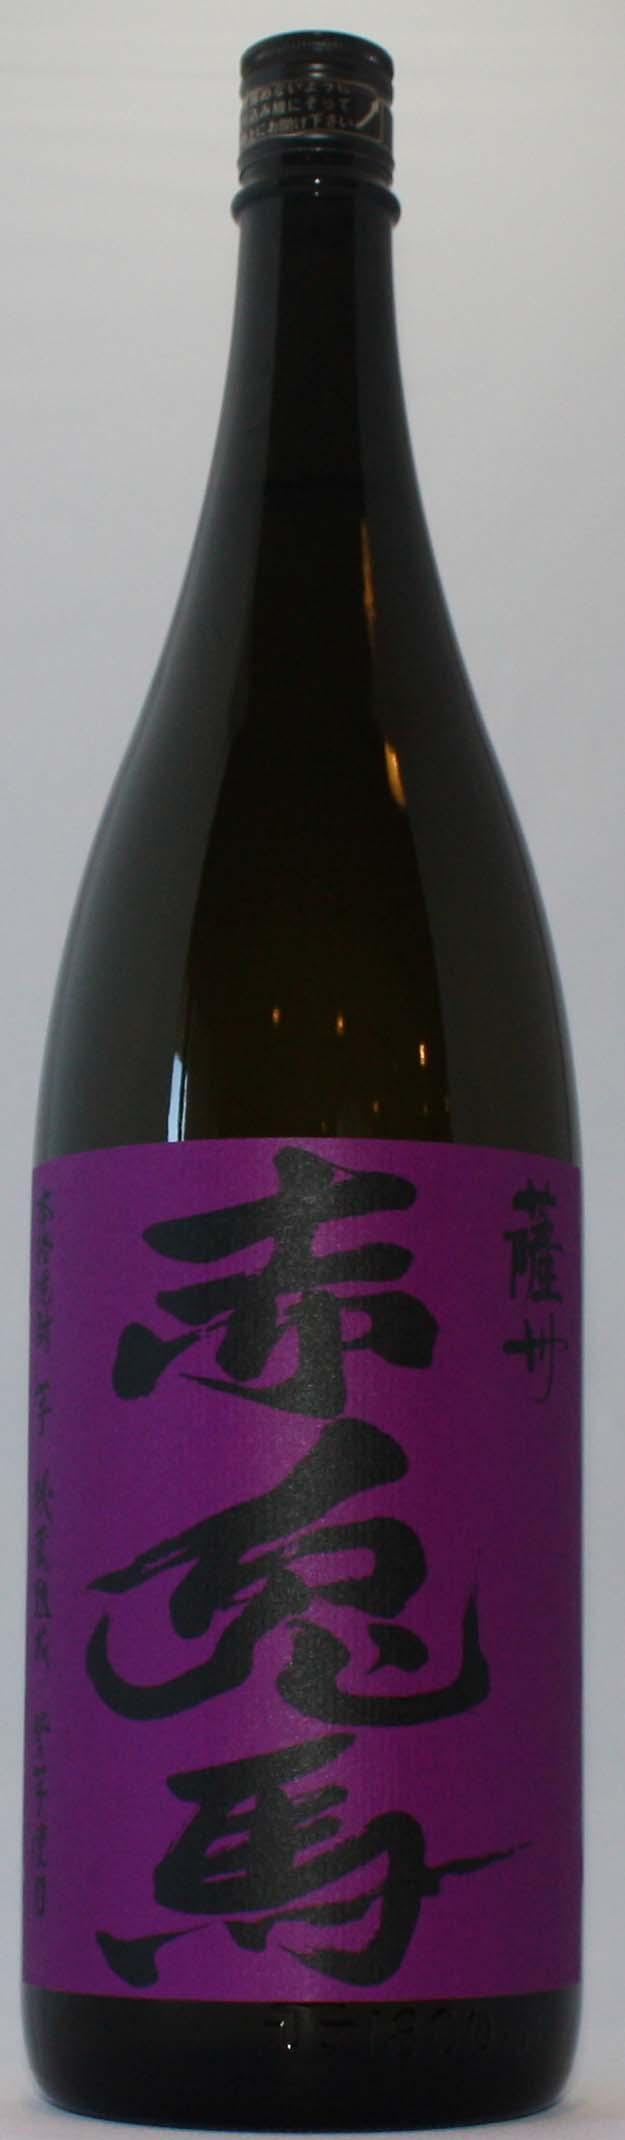 紫の赤兎馬 せきとば 25度 1800ml 紫芋焼酎 濱田酒造 季節限定販売 通販